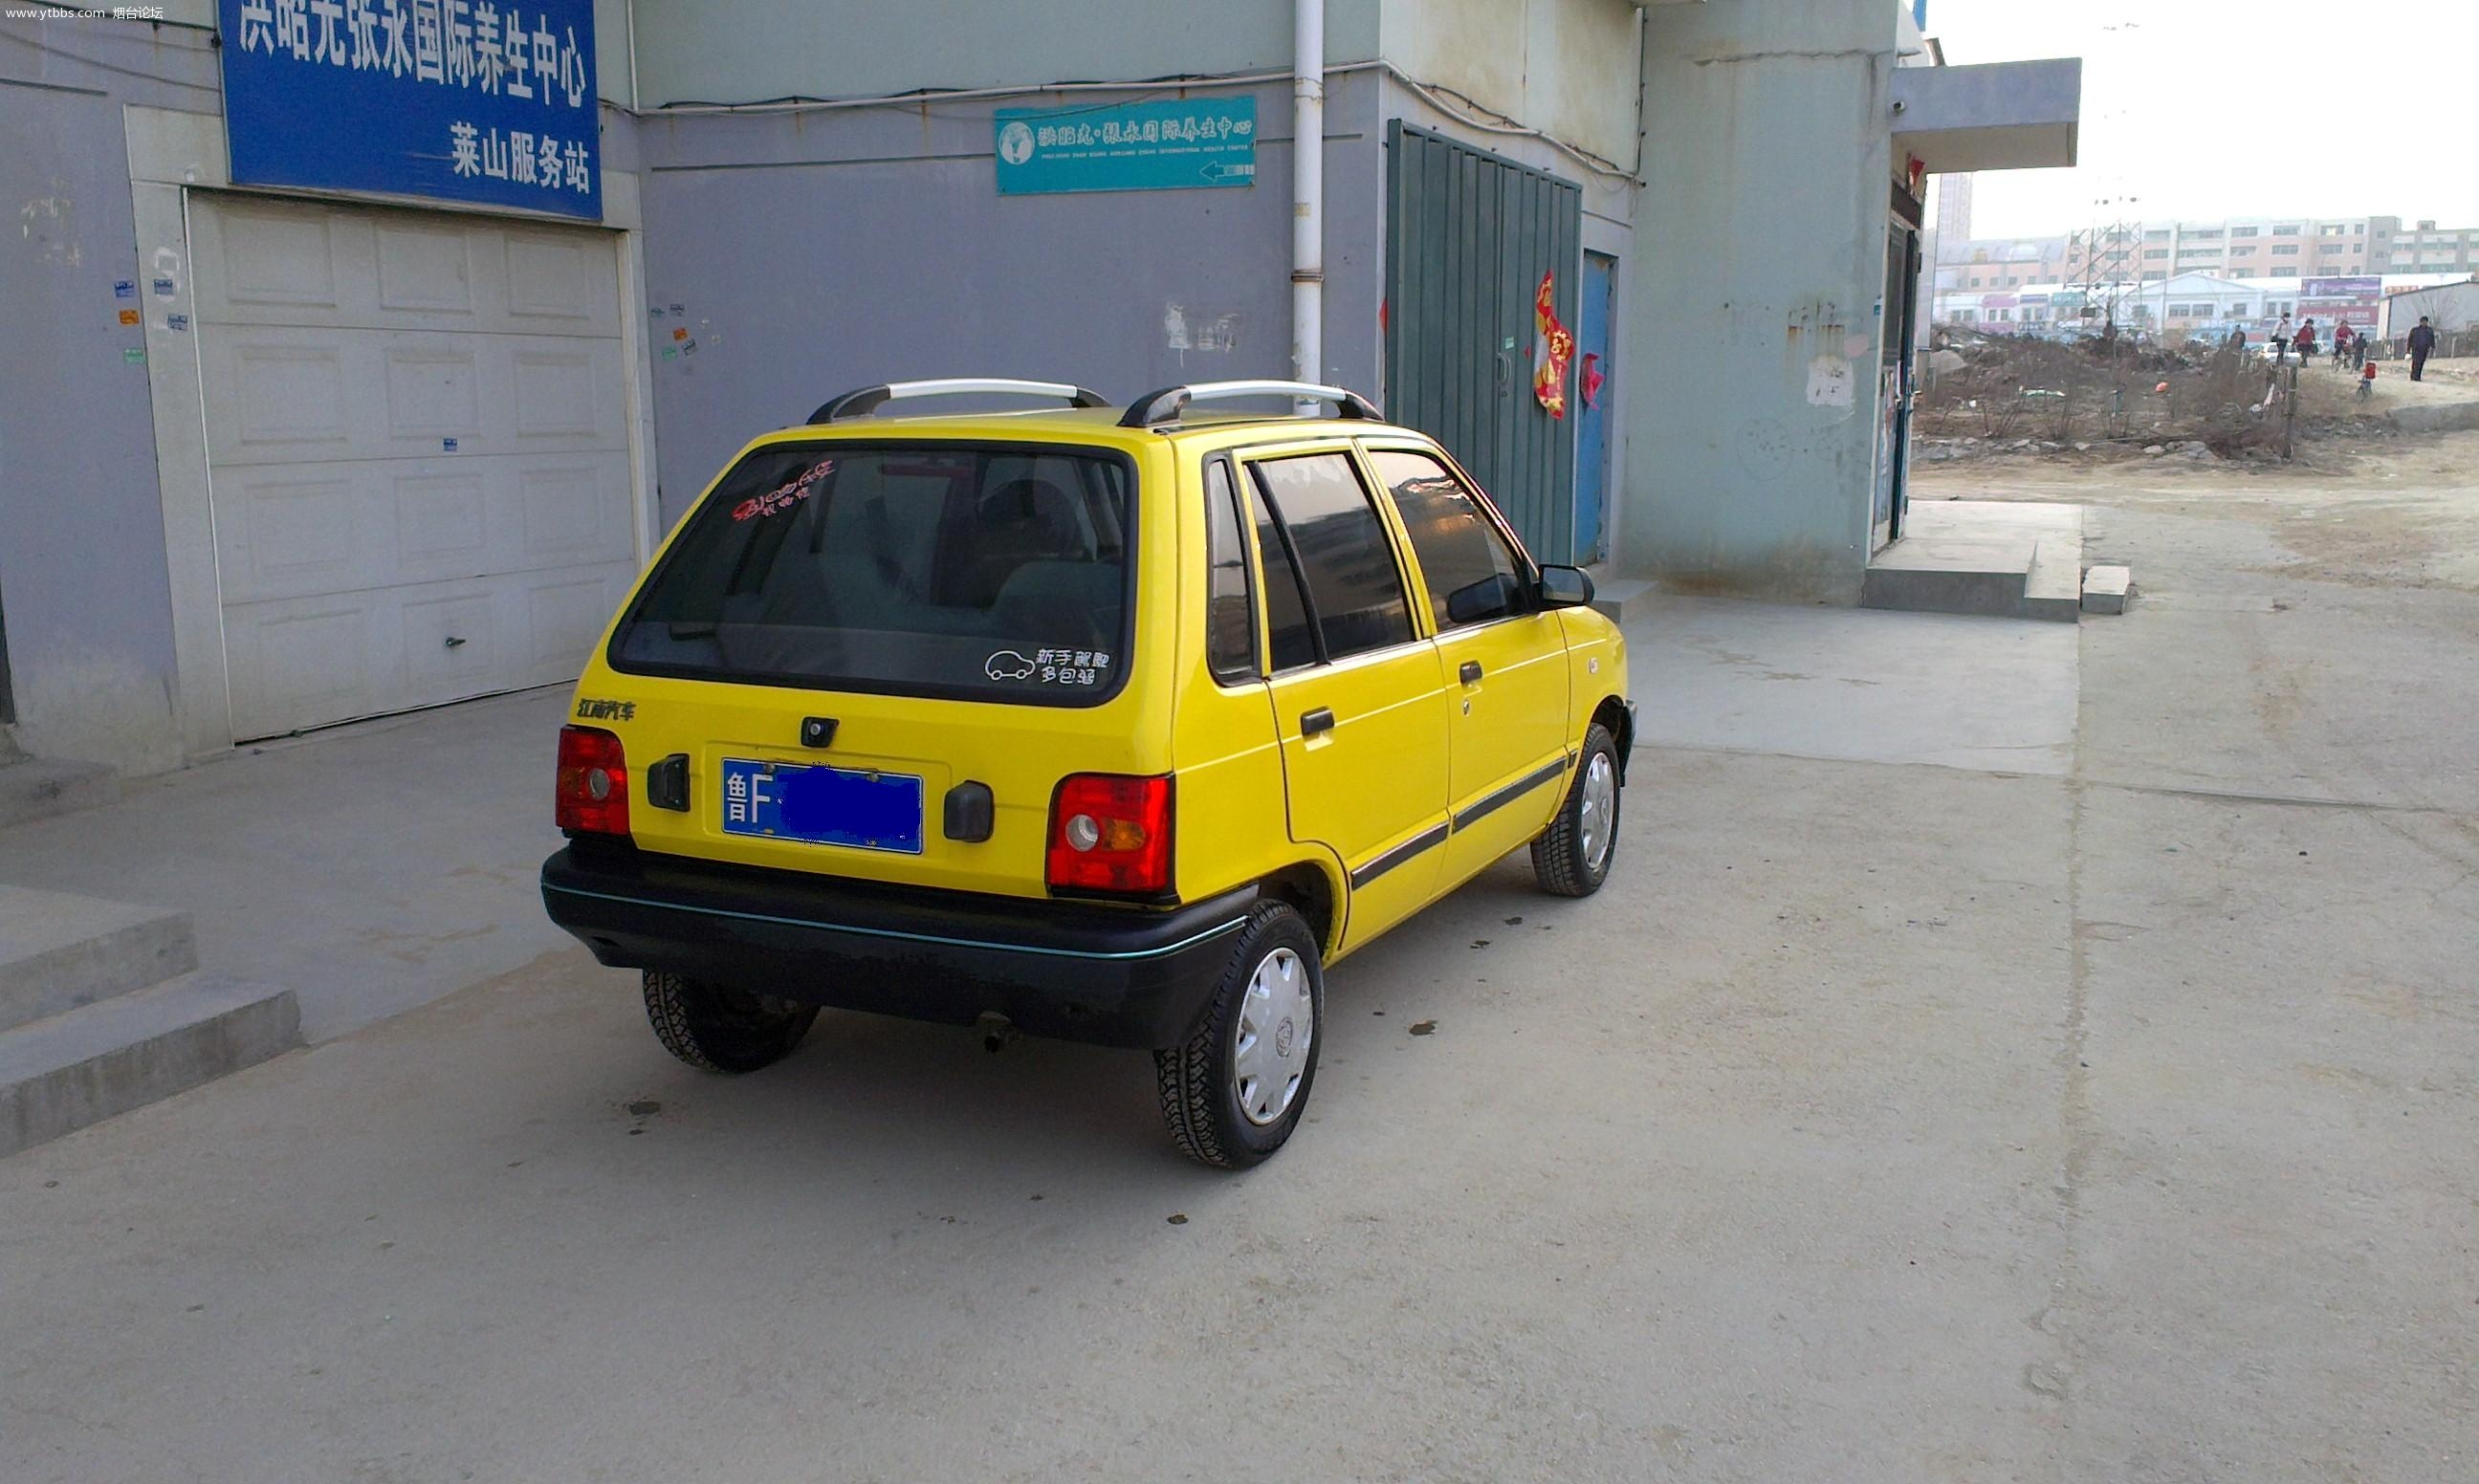 出售自家用的11年3月的江南奥拓 2010款标准型,本月刚车审,高清图片